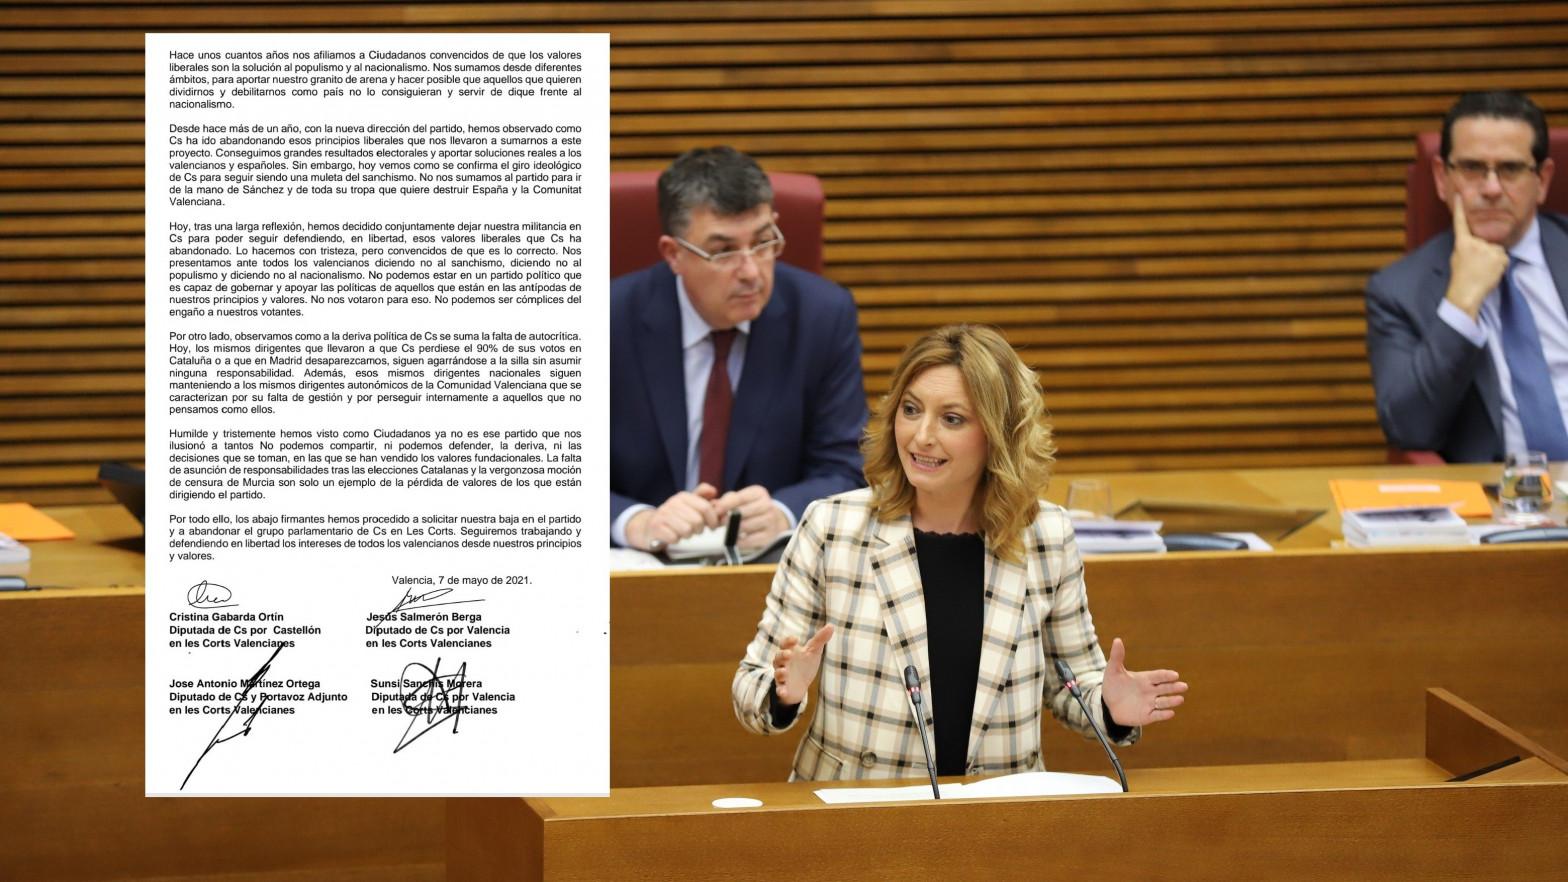 Cuatro diputados abandonan el grupo de Ciudadanos en el parlamento valenciano